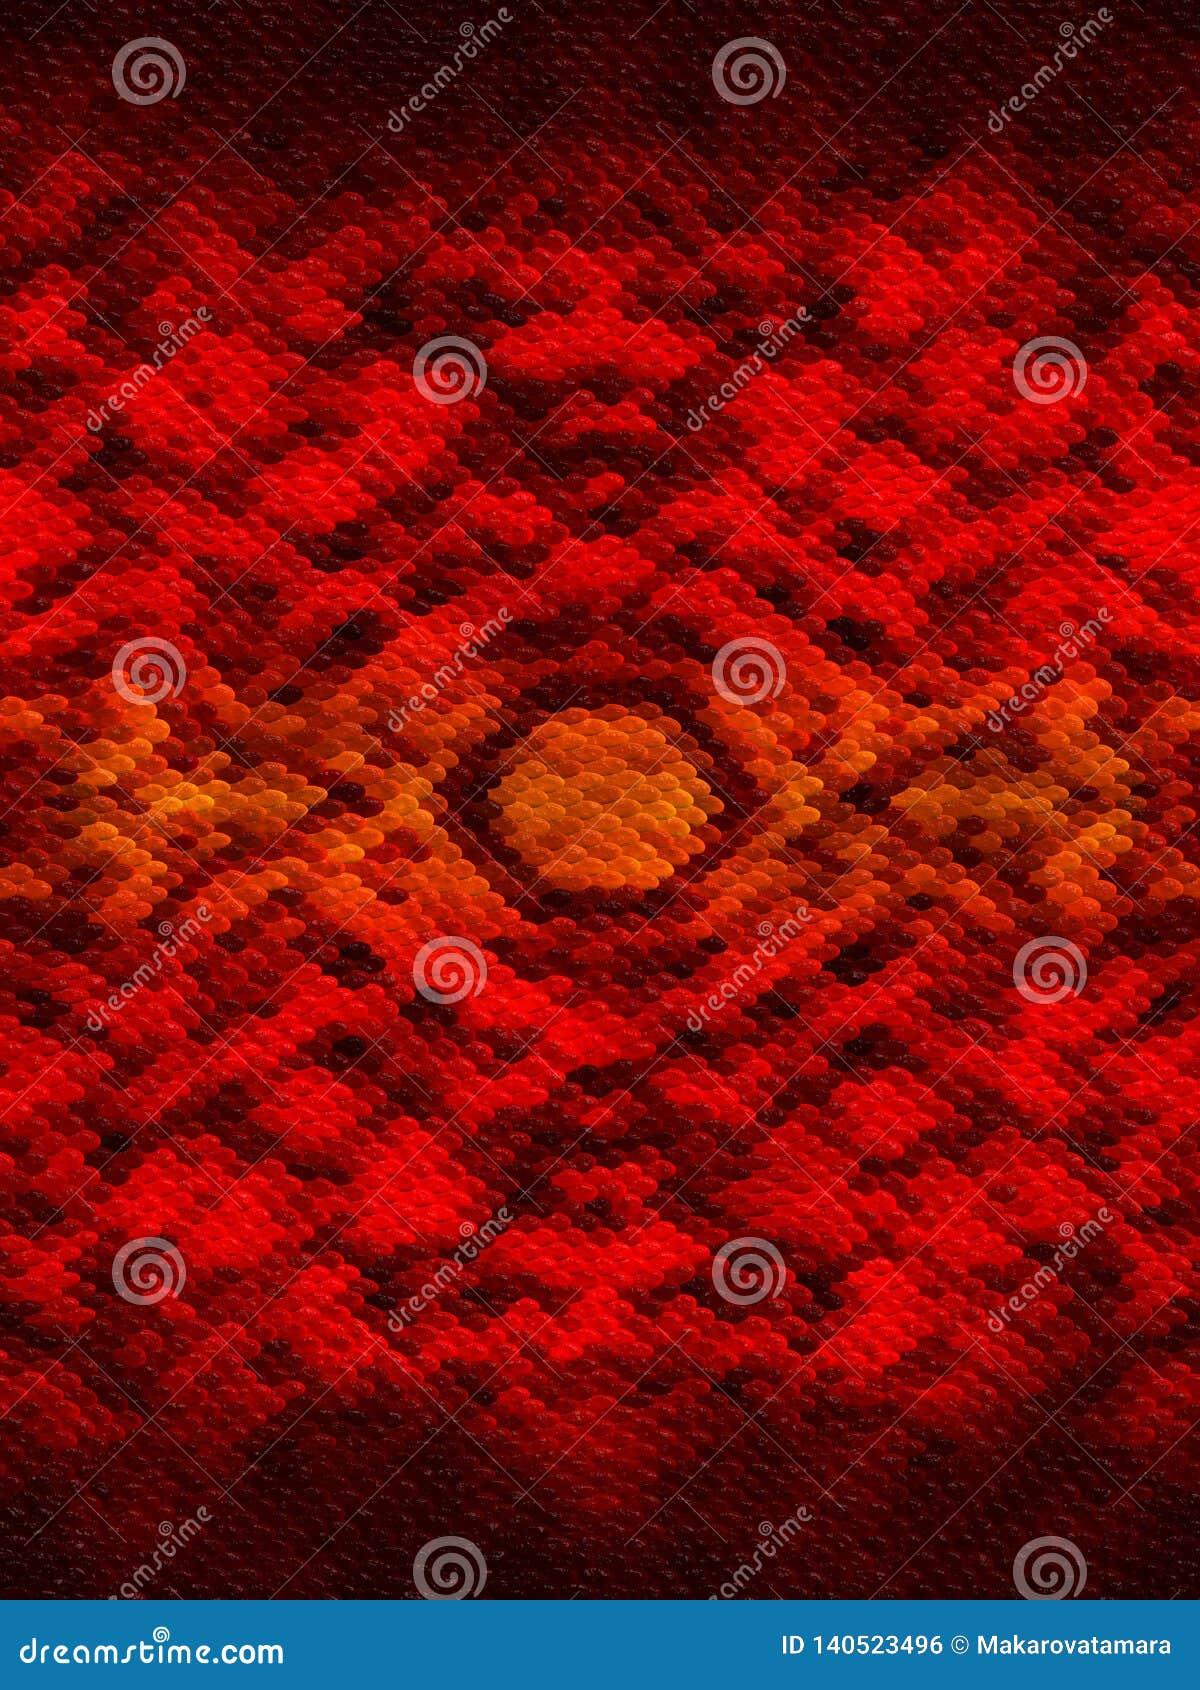 Fondo modellato rosso con effetto di pelle del serpente